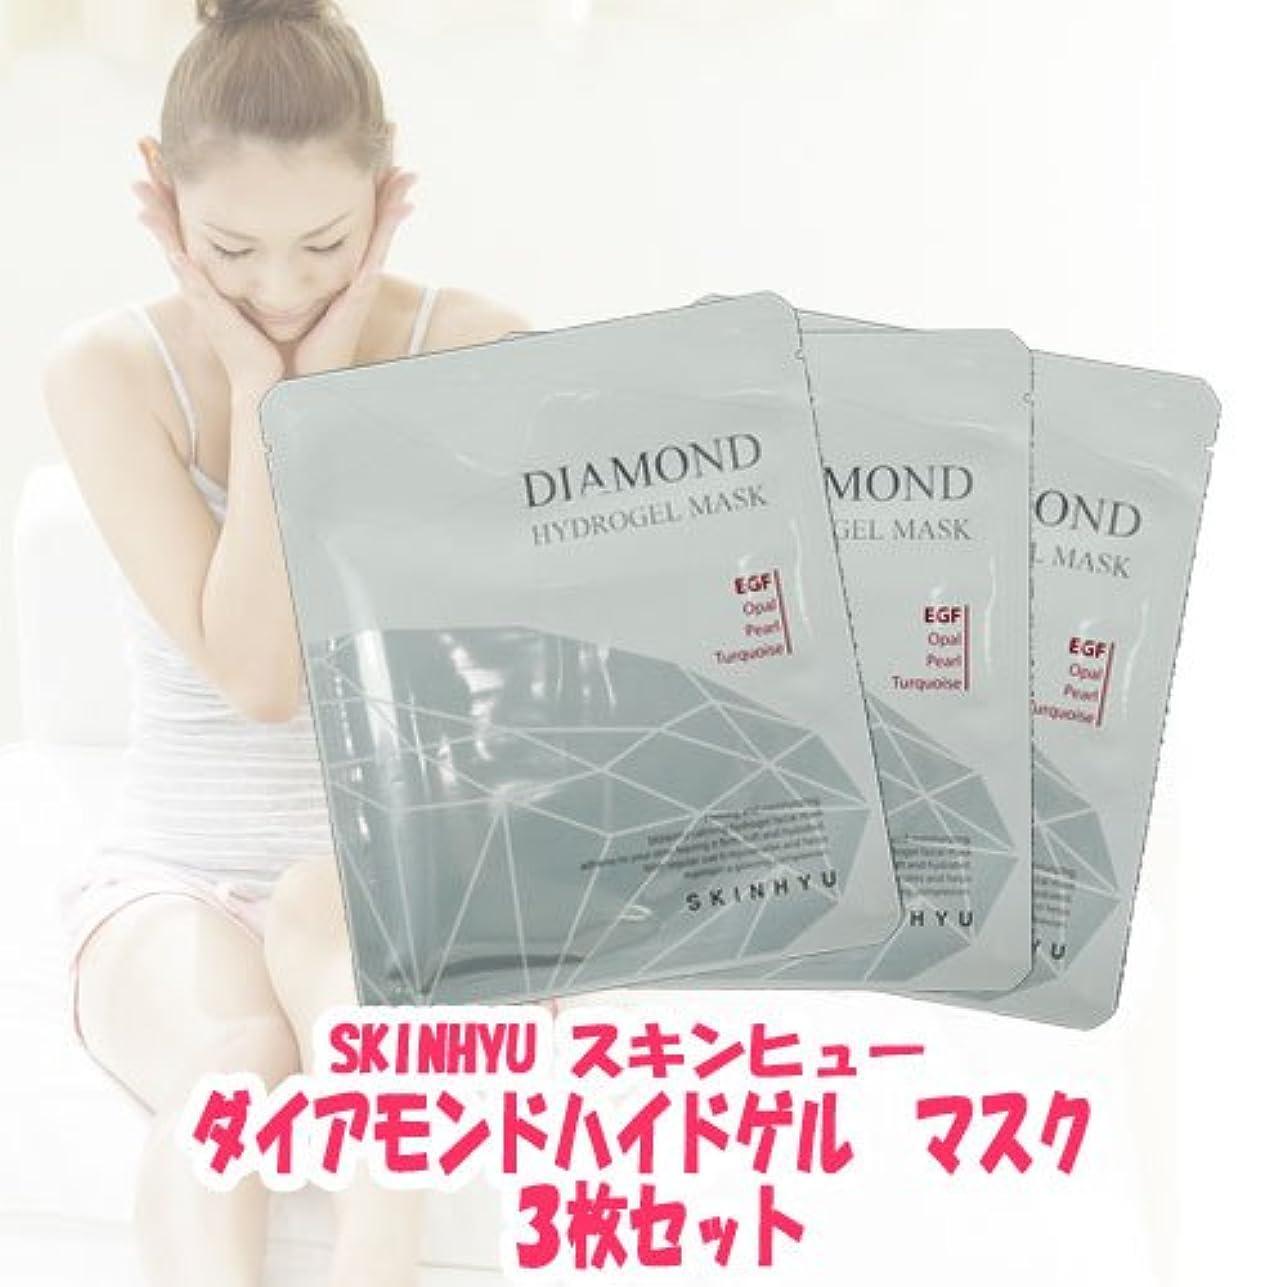 ナラーバー入射化粧SKINHYU スキンヒュー ダイヤモンドハイドロゲルマスク 3枚セット